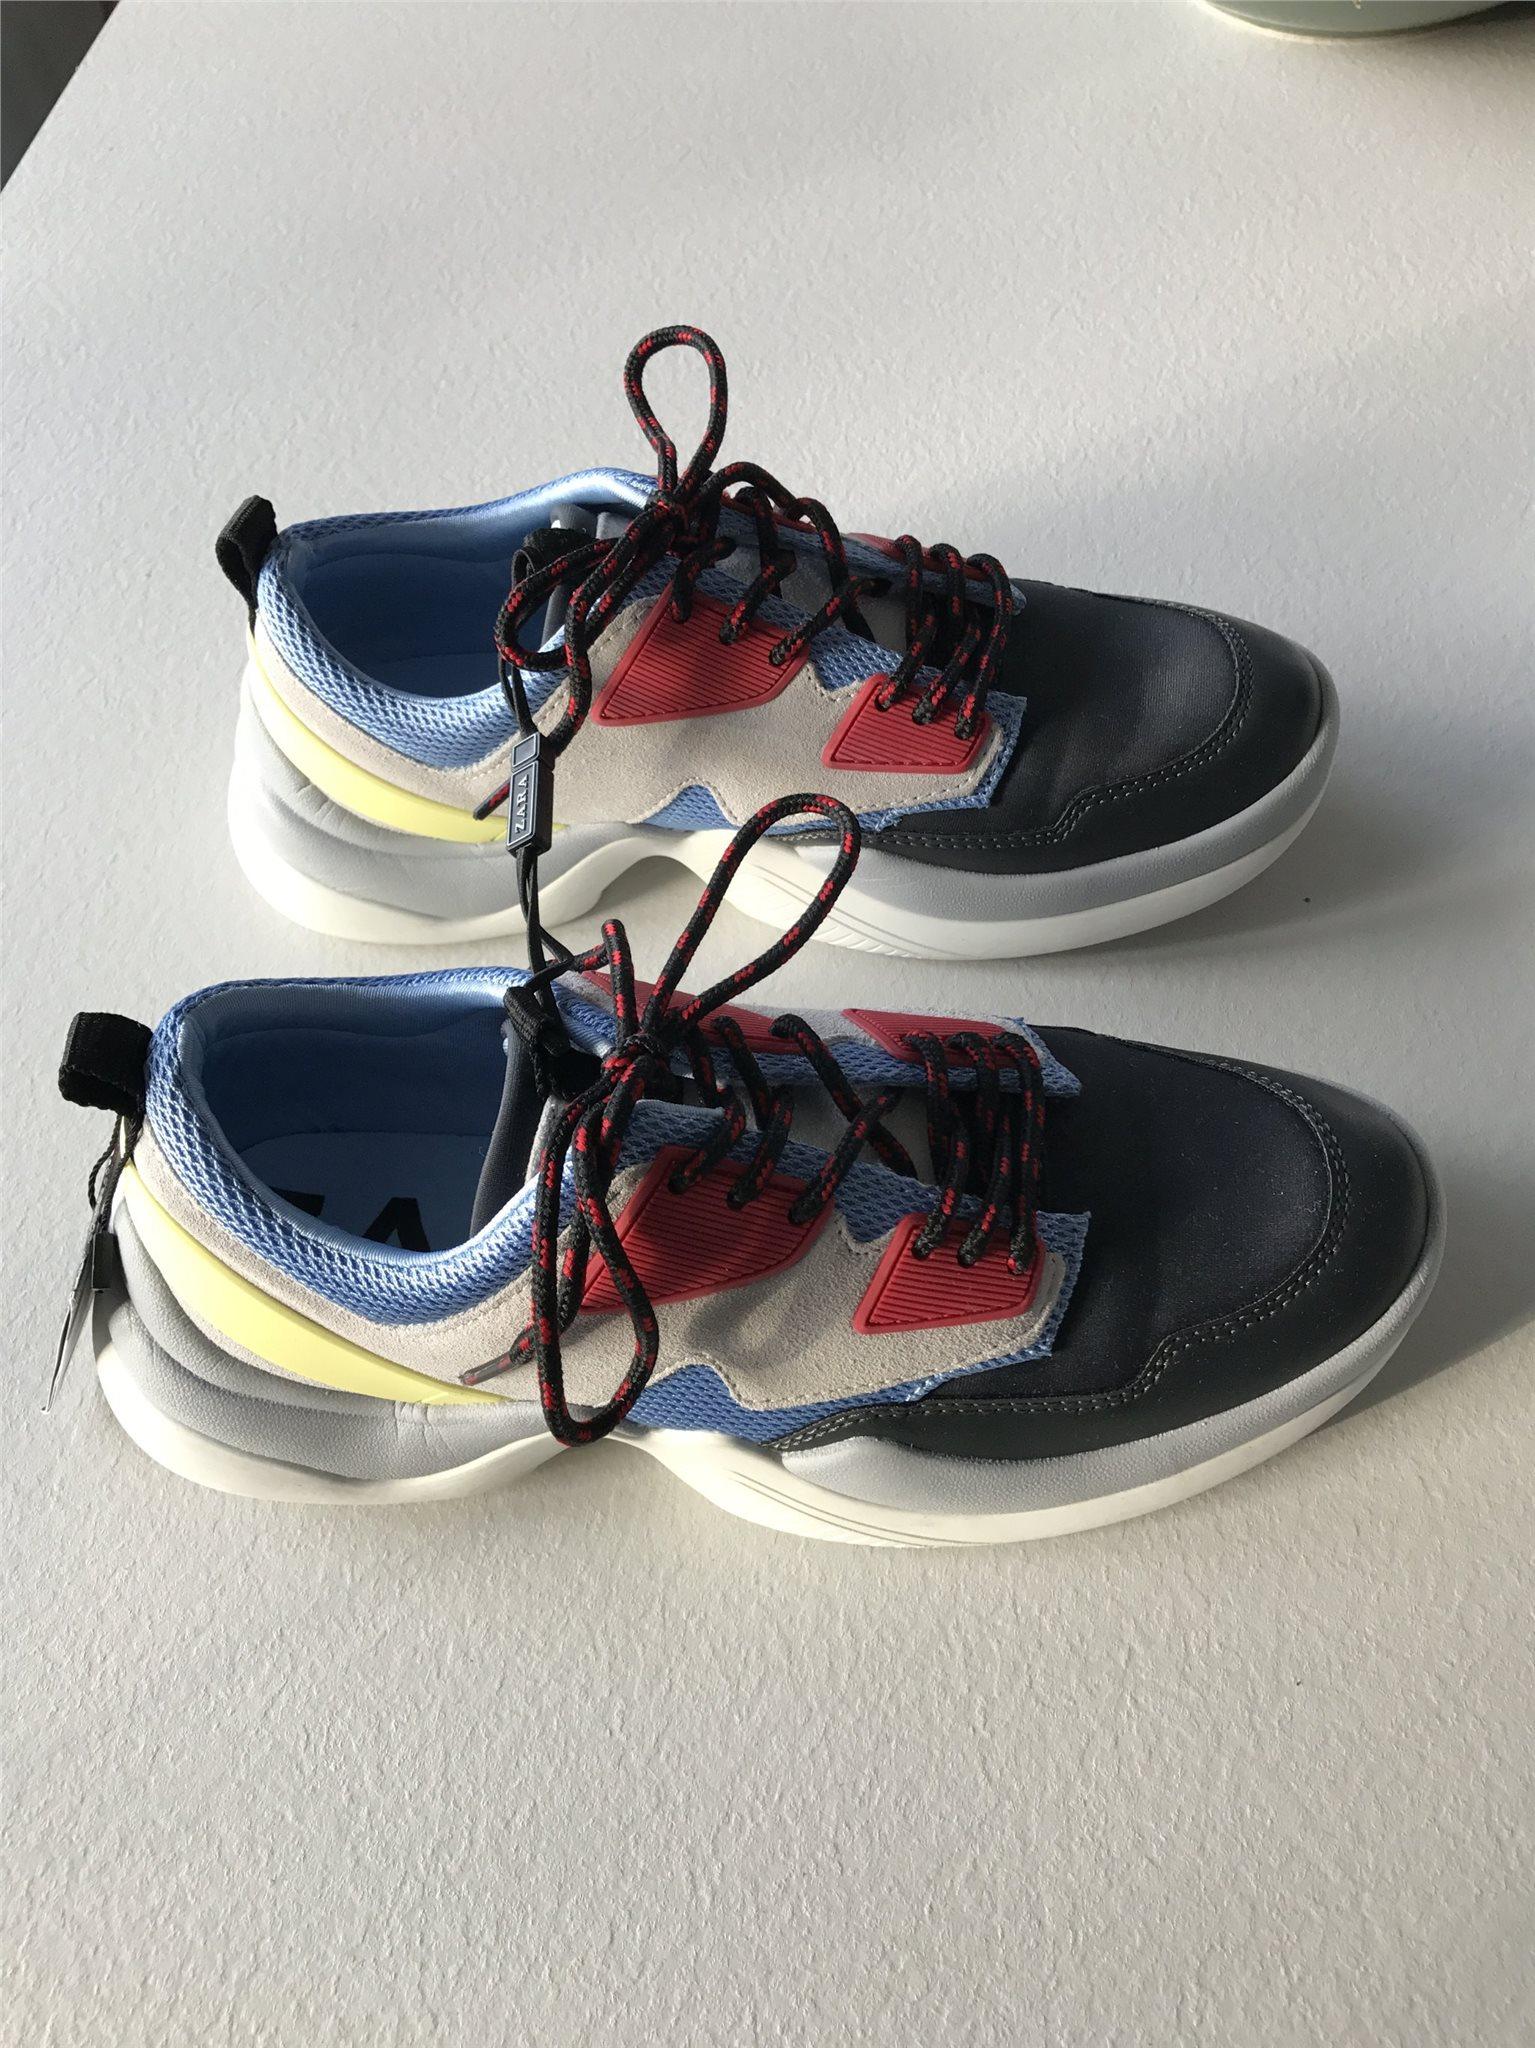 9571079b9ffc55 Zara skor sneakers storlek 38 NYA (341868122) ᐈ Köp på Tradera